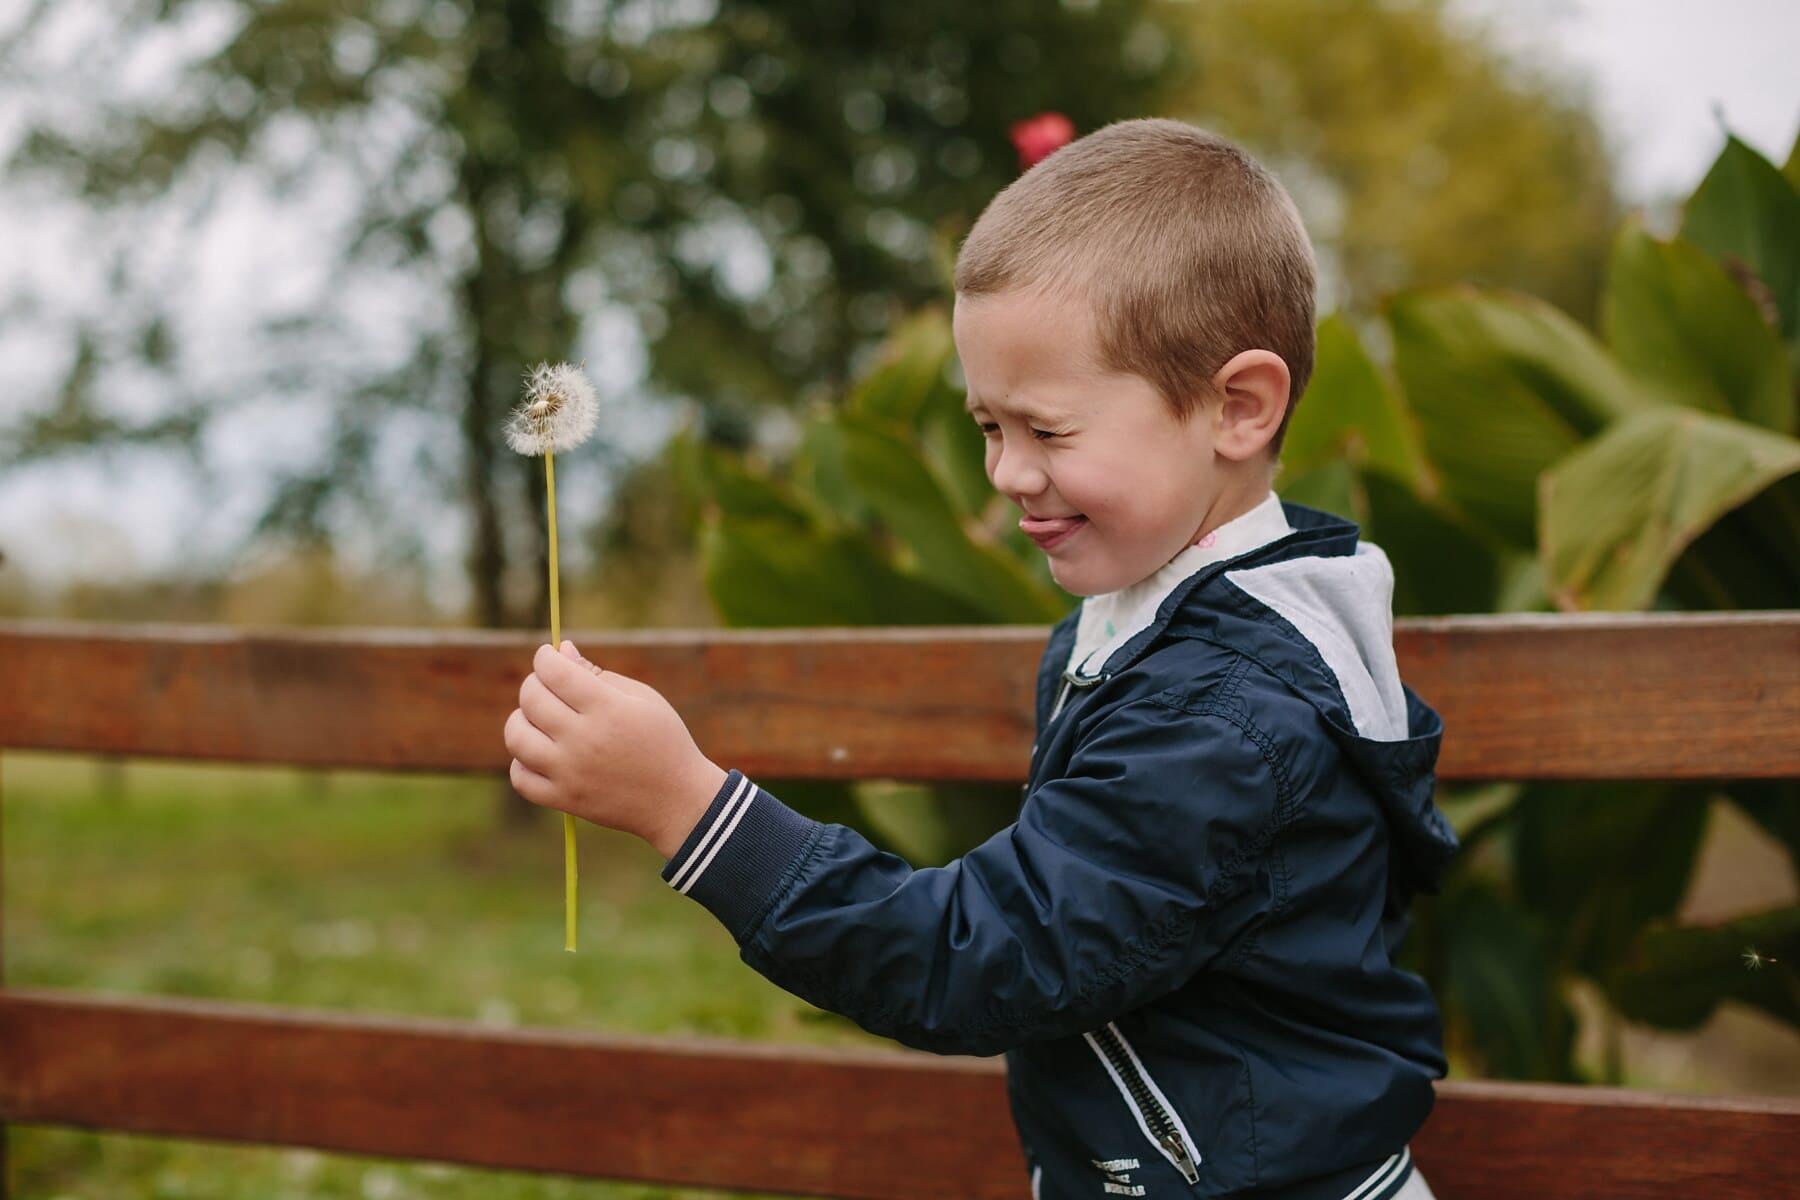 Αγόρι, παιχνιδιάρικο, πικραλίδα, εκμετάλλευση, σε εξωτερικούς χώρους, το παιδί, φύση, ελεύθερου χρόνου, διασκέδαση, πάρκο